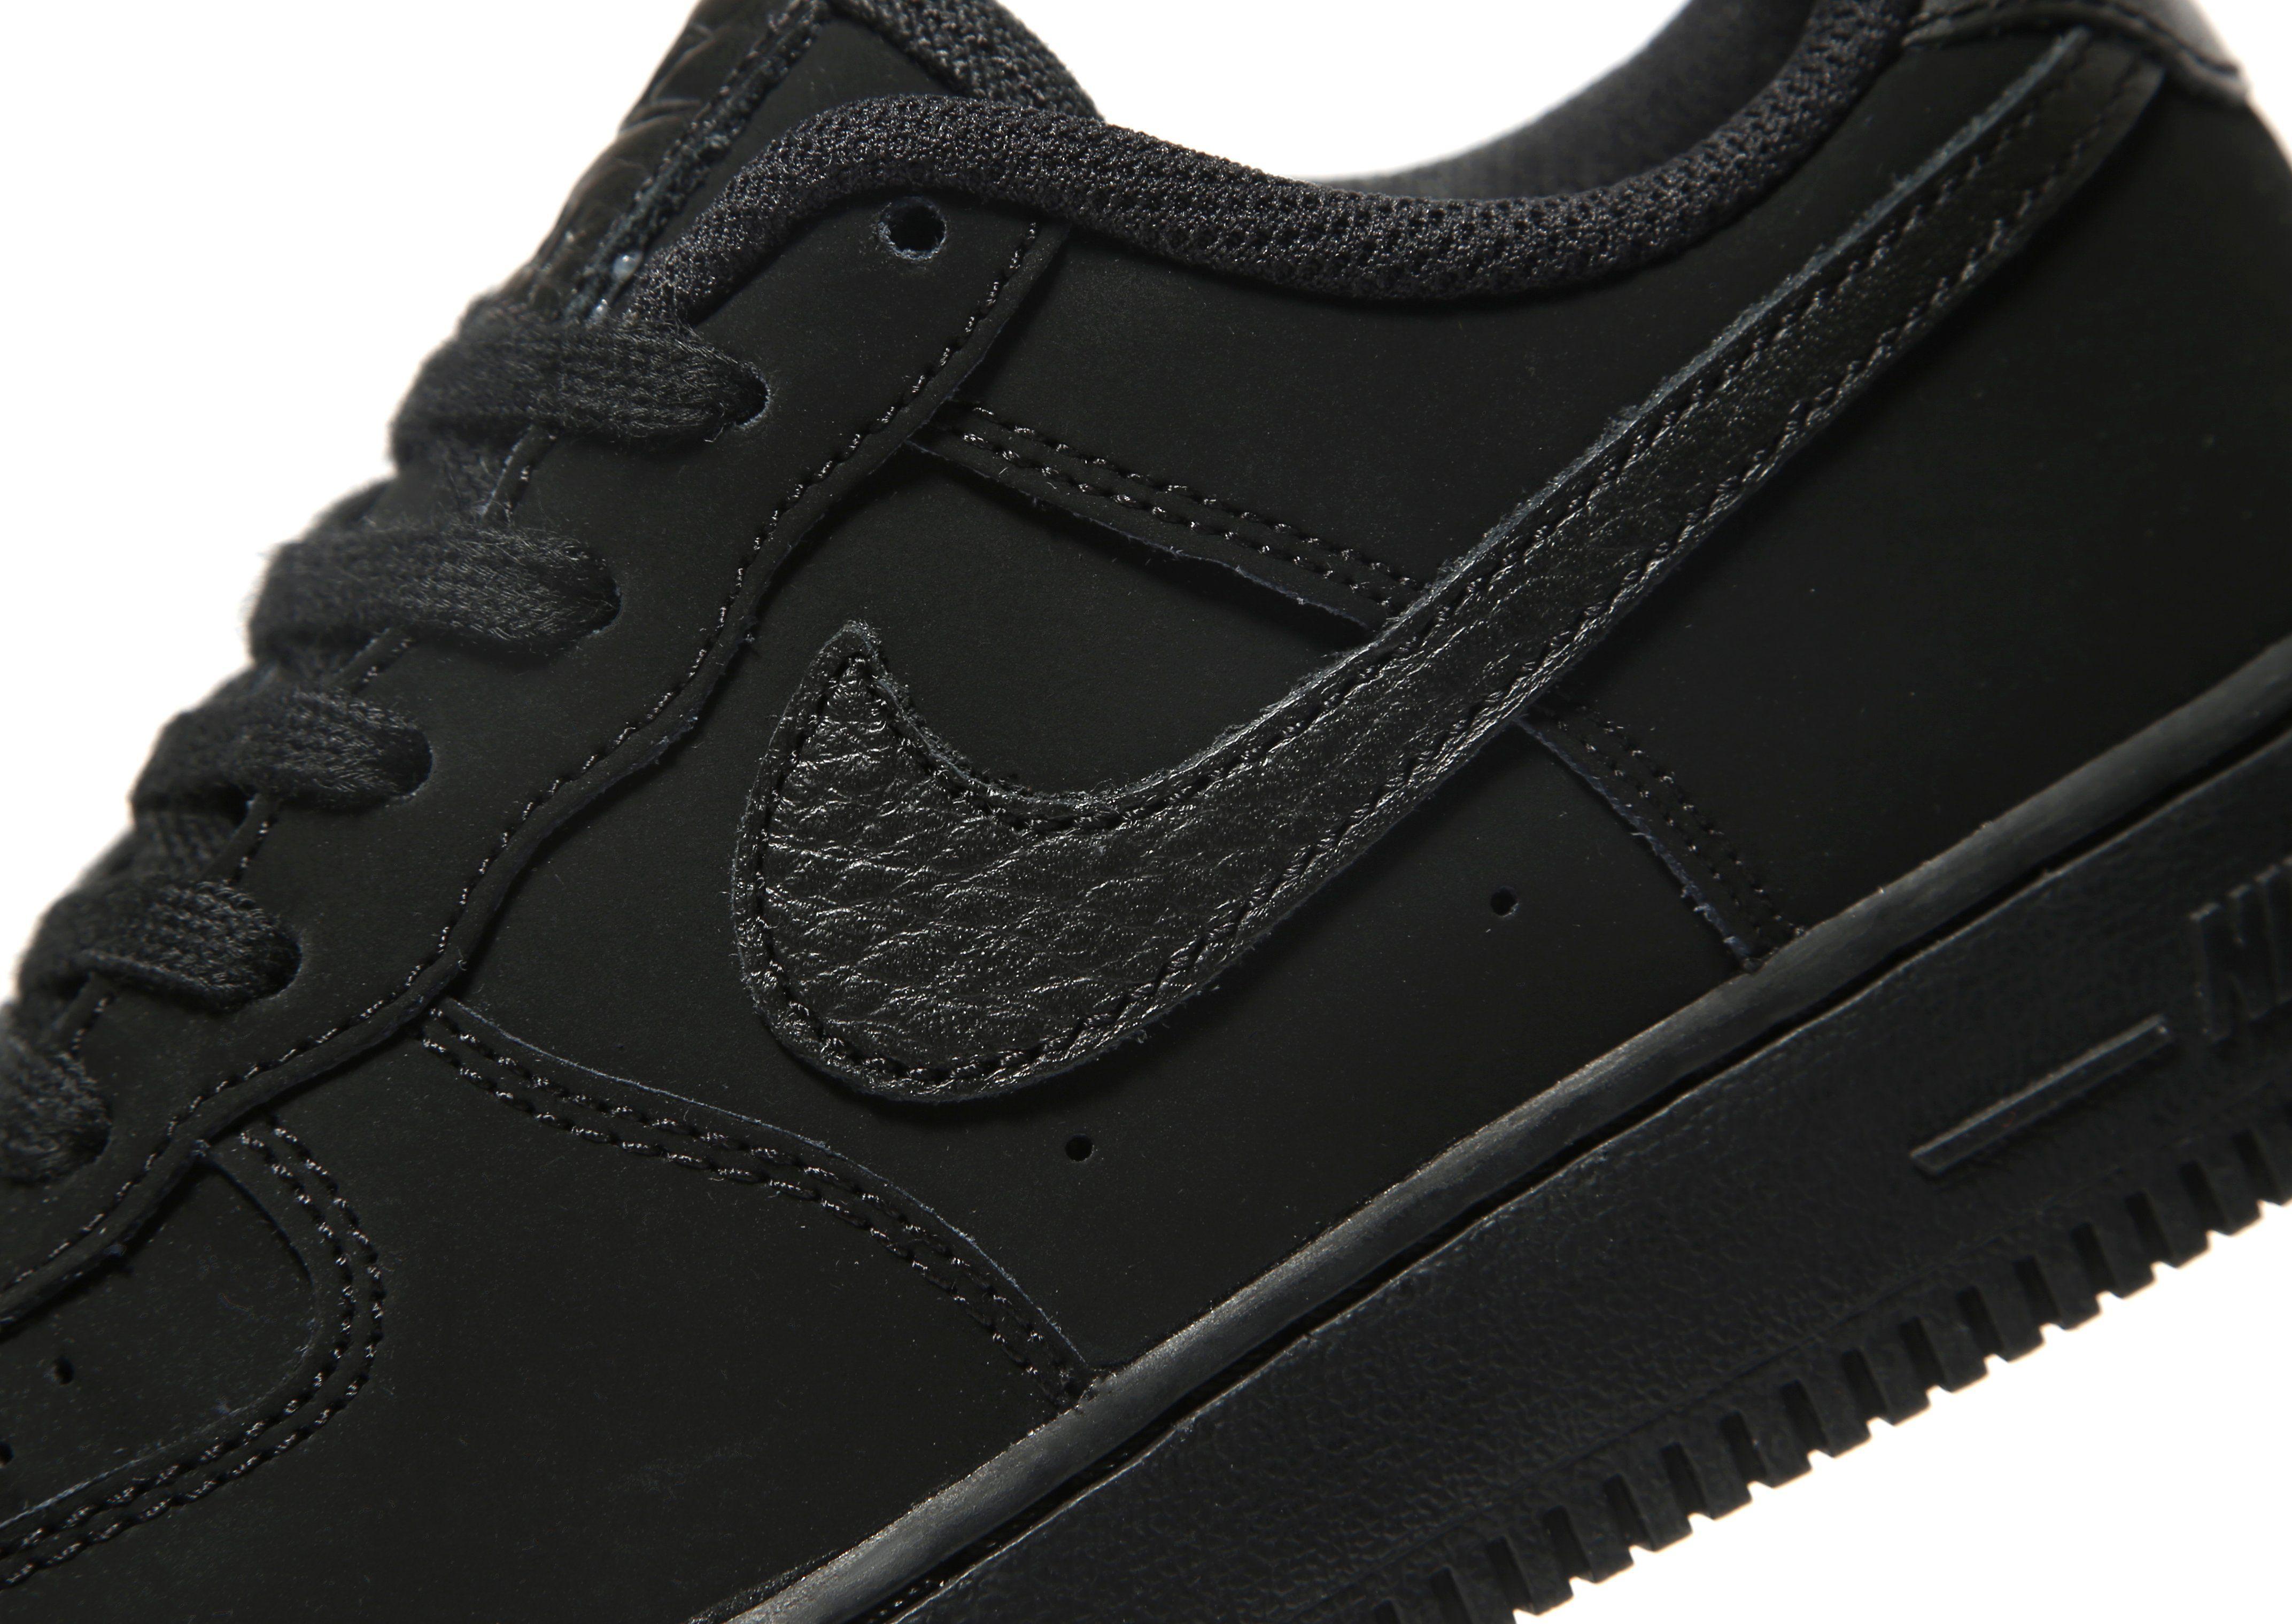 Qualität Frei Versandstelle Nike Air Force 1 Low Children Schwarz Footlocker 3opW5A